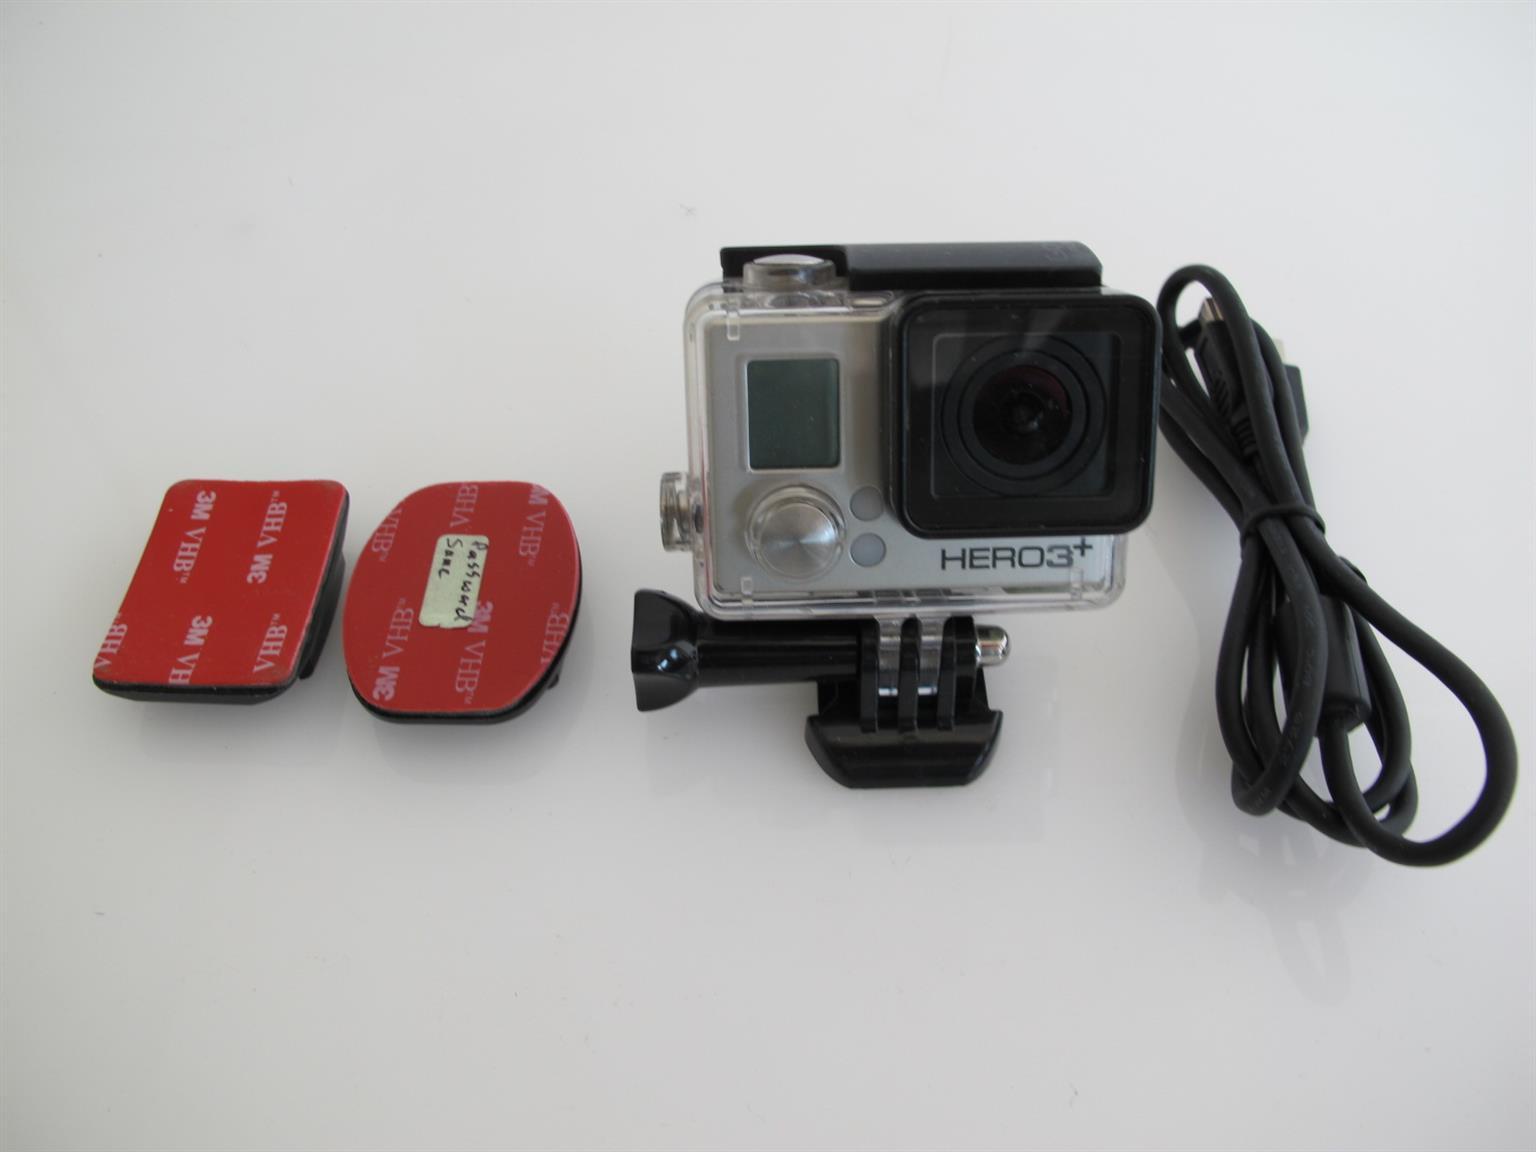 Go Pro HERO3+ Camera